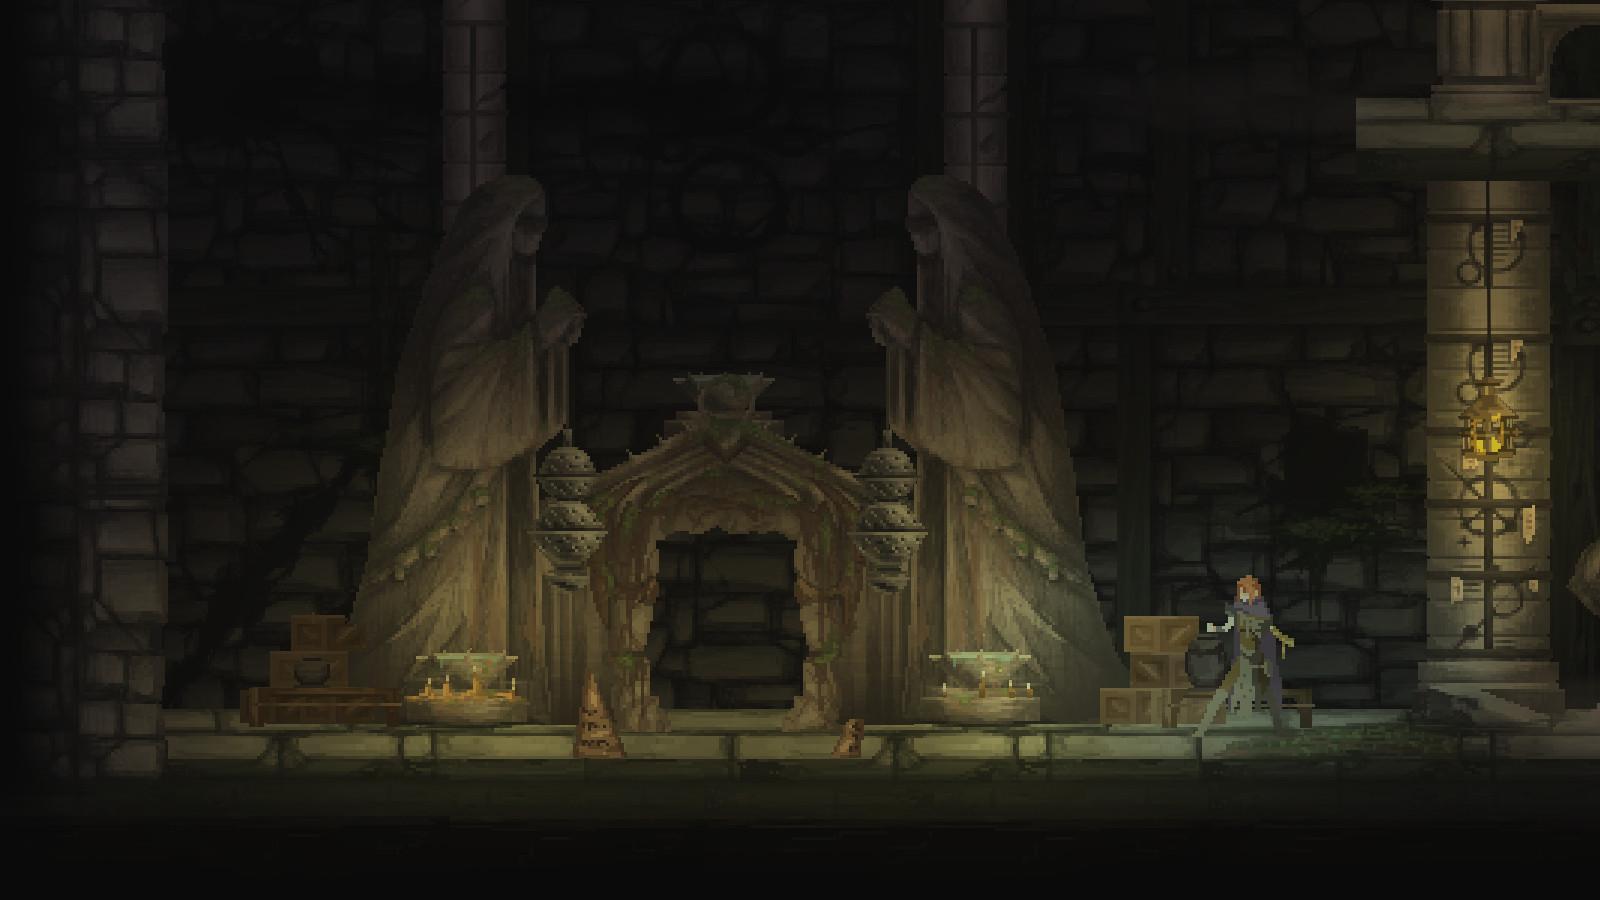 《黑暗獻祭》將於10月24日登陸PS4和Switch